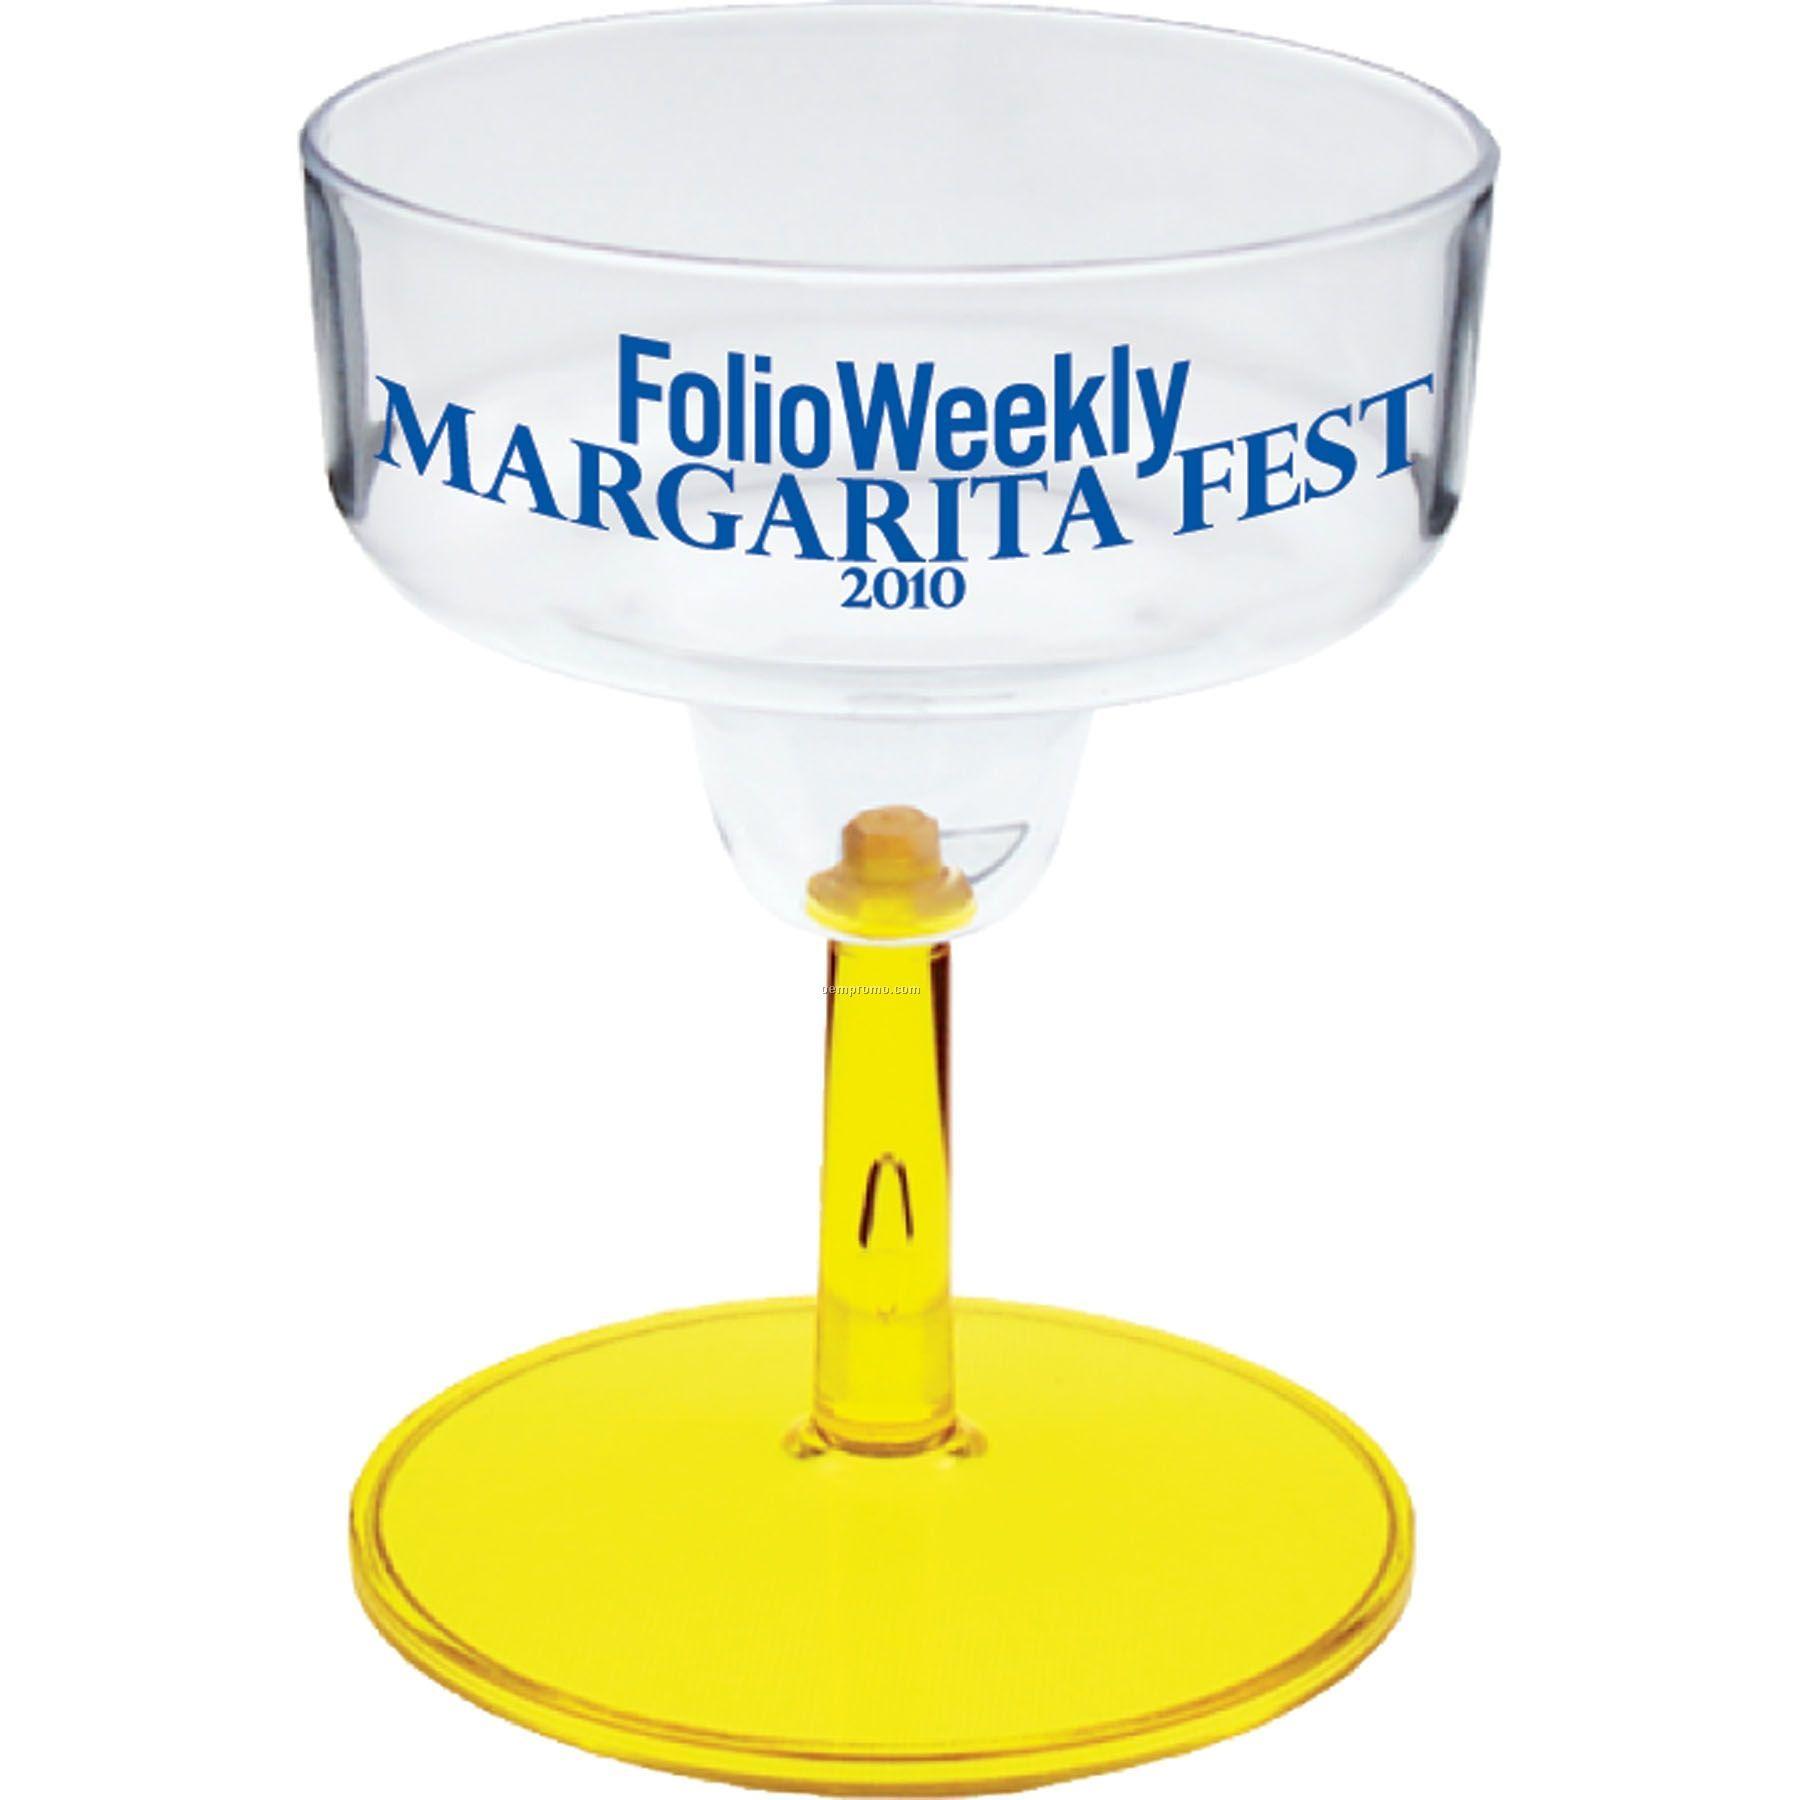 2 Oz. Styrene Margarita Glass